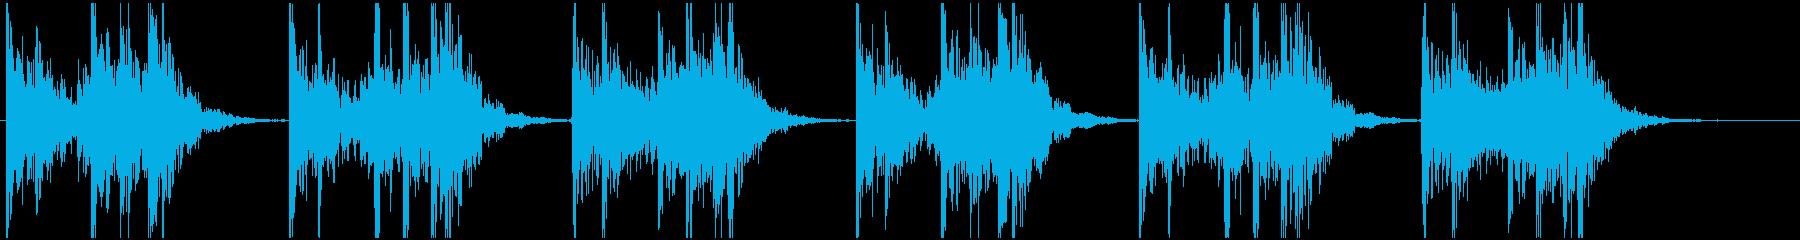 和太鼓の激しい連打の再生済みの波形